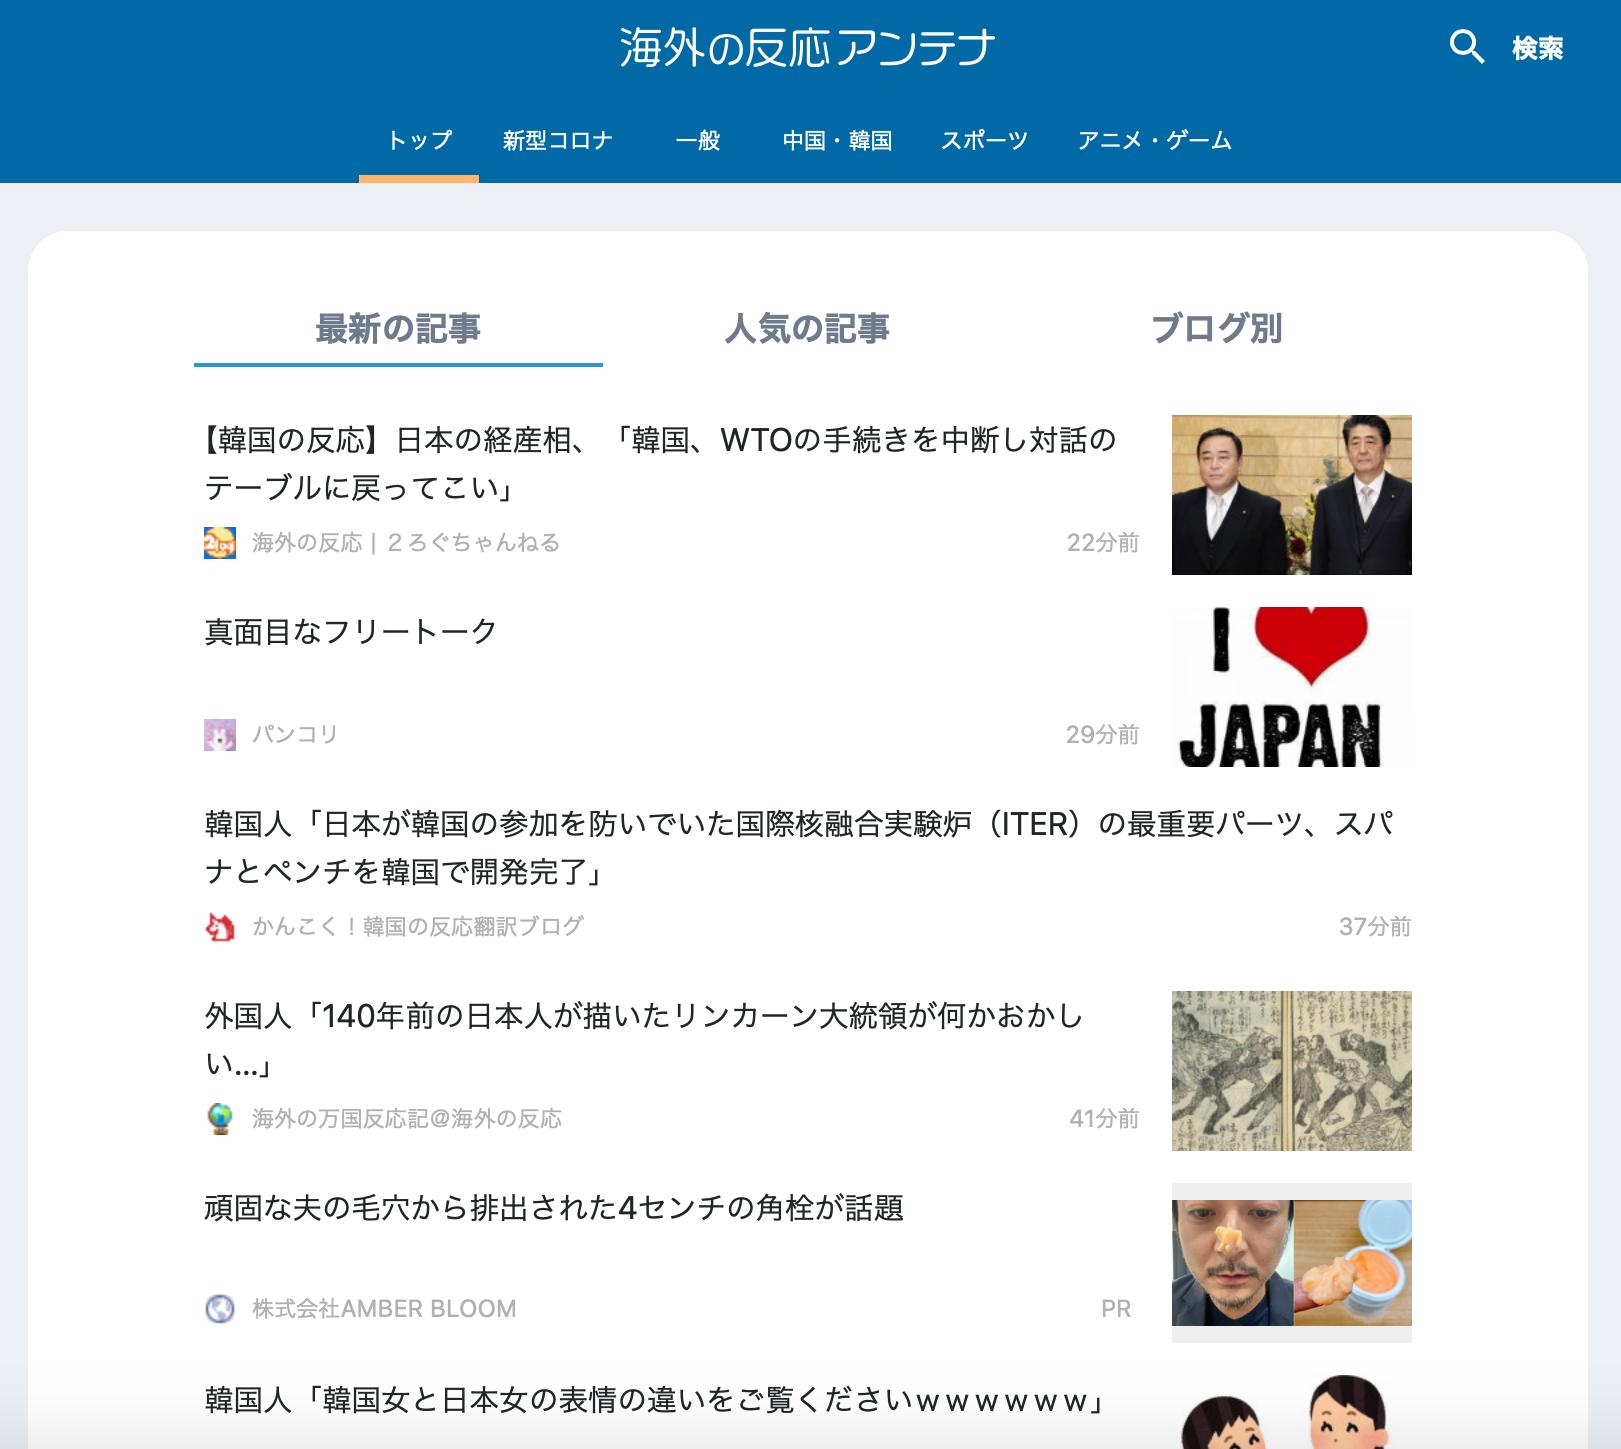 海外 の 反応 アンテナ ブログ 海外の万国反応記@海外の反応 海外の反応アンテナ